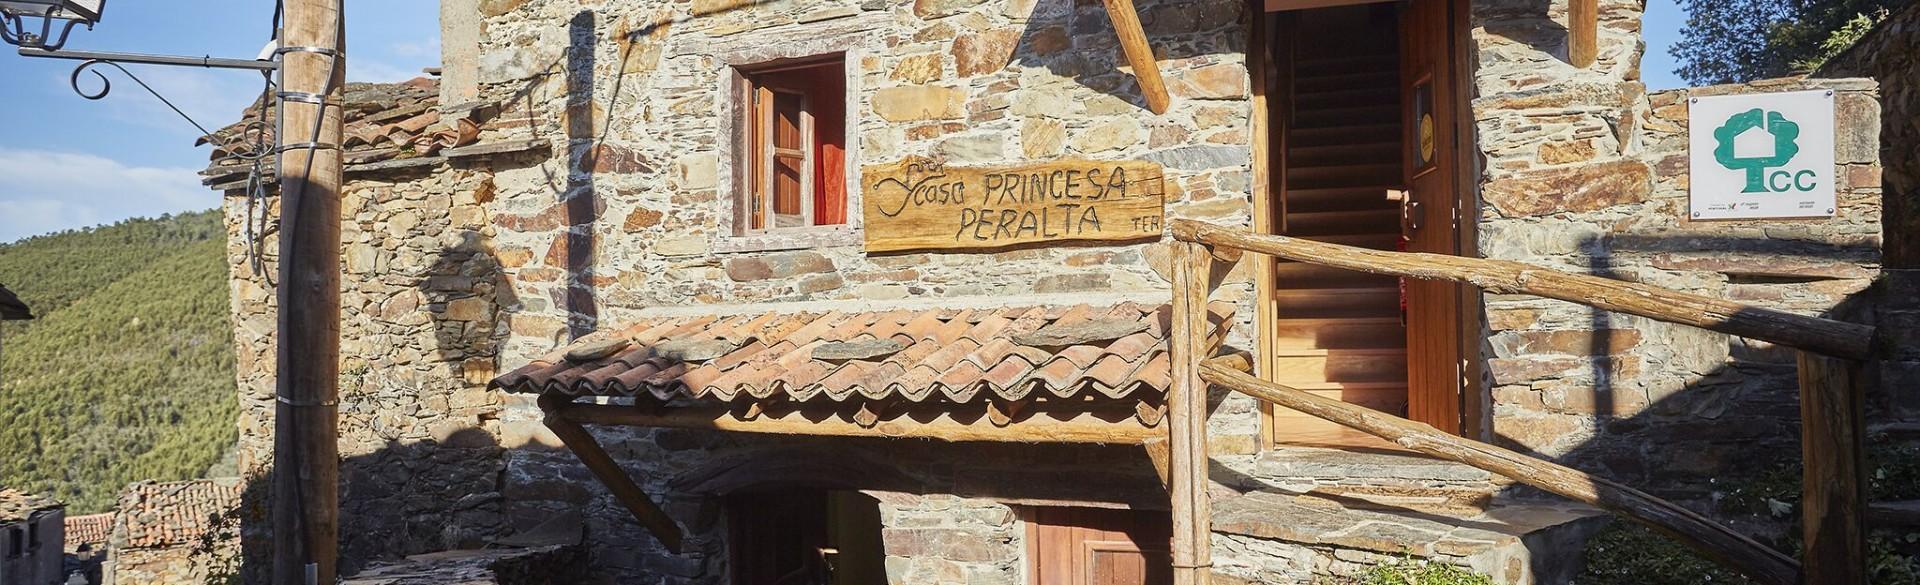 Casa Princesa Peralta - Exterior